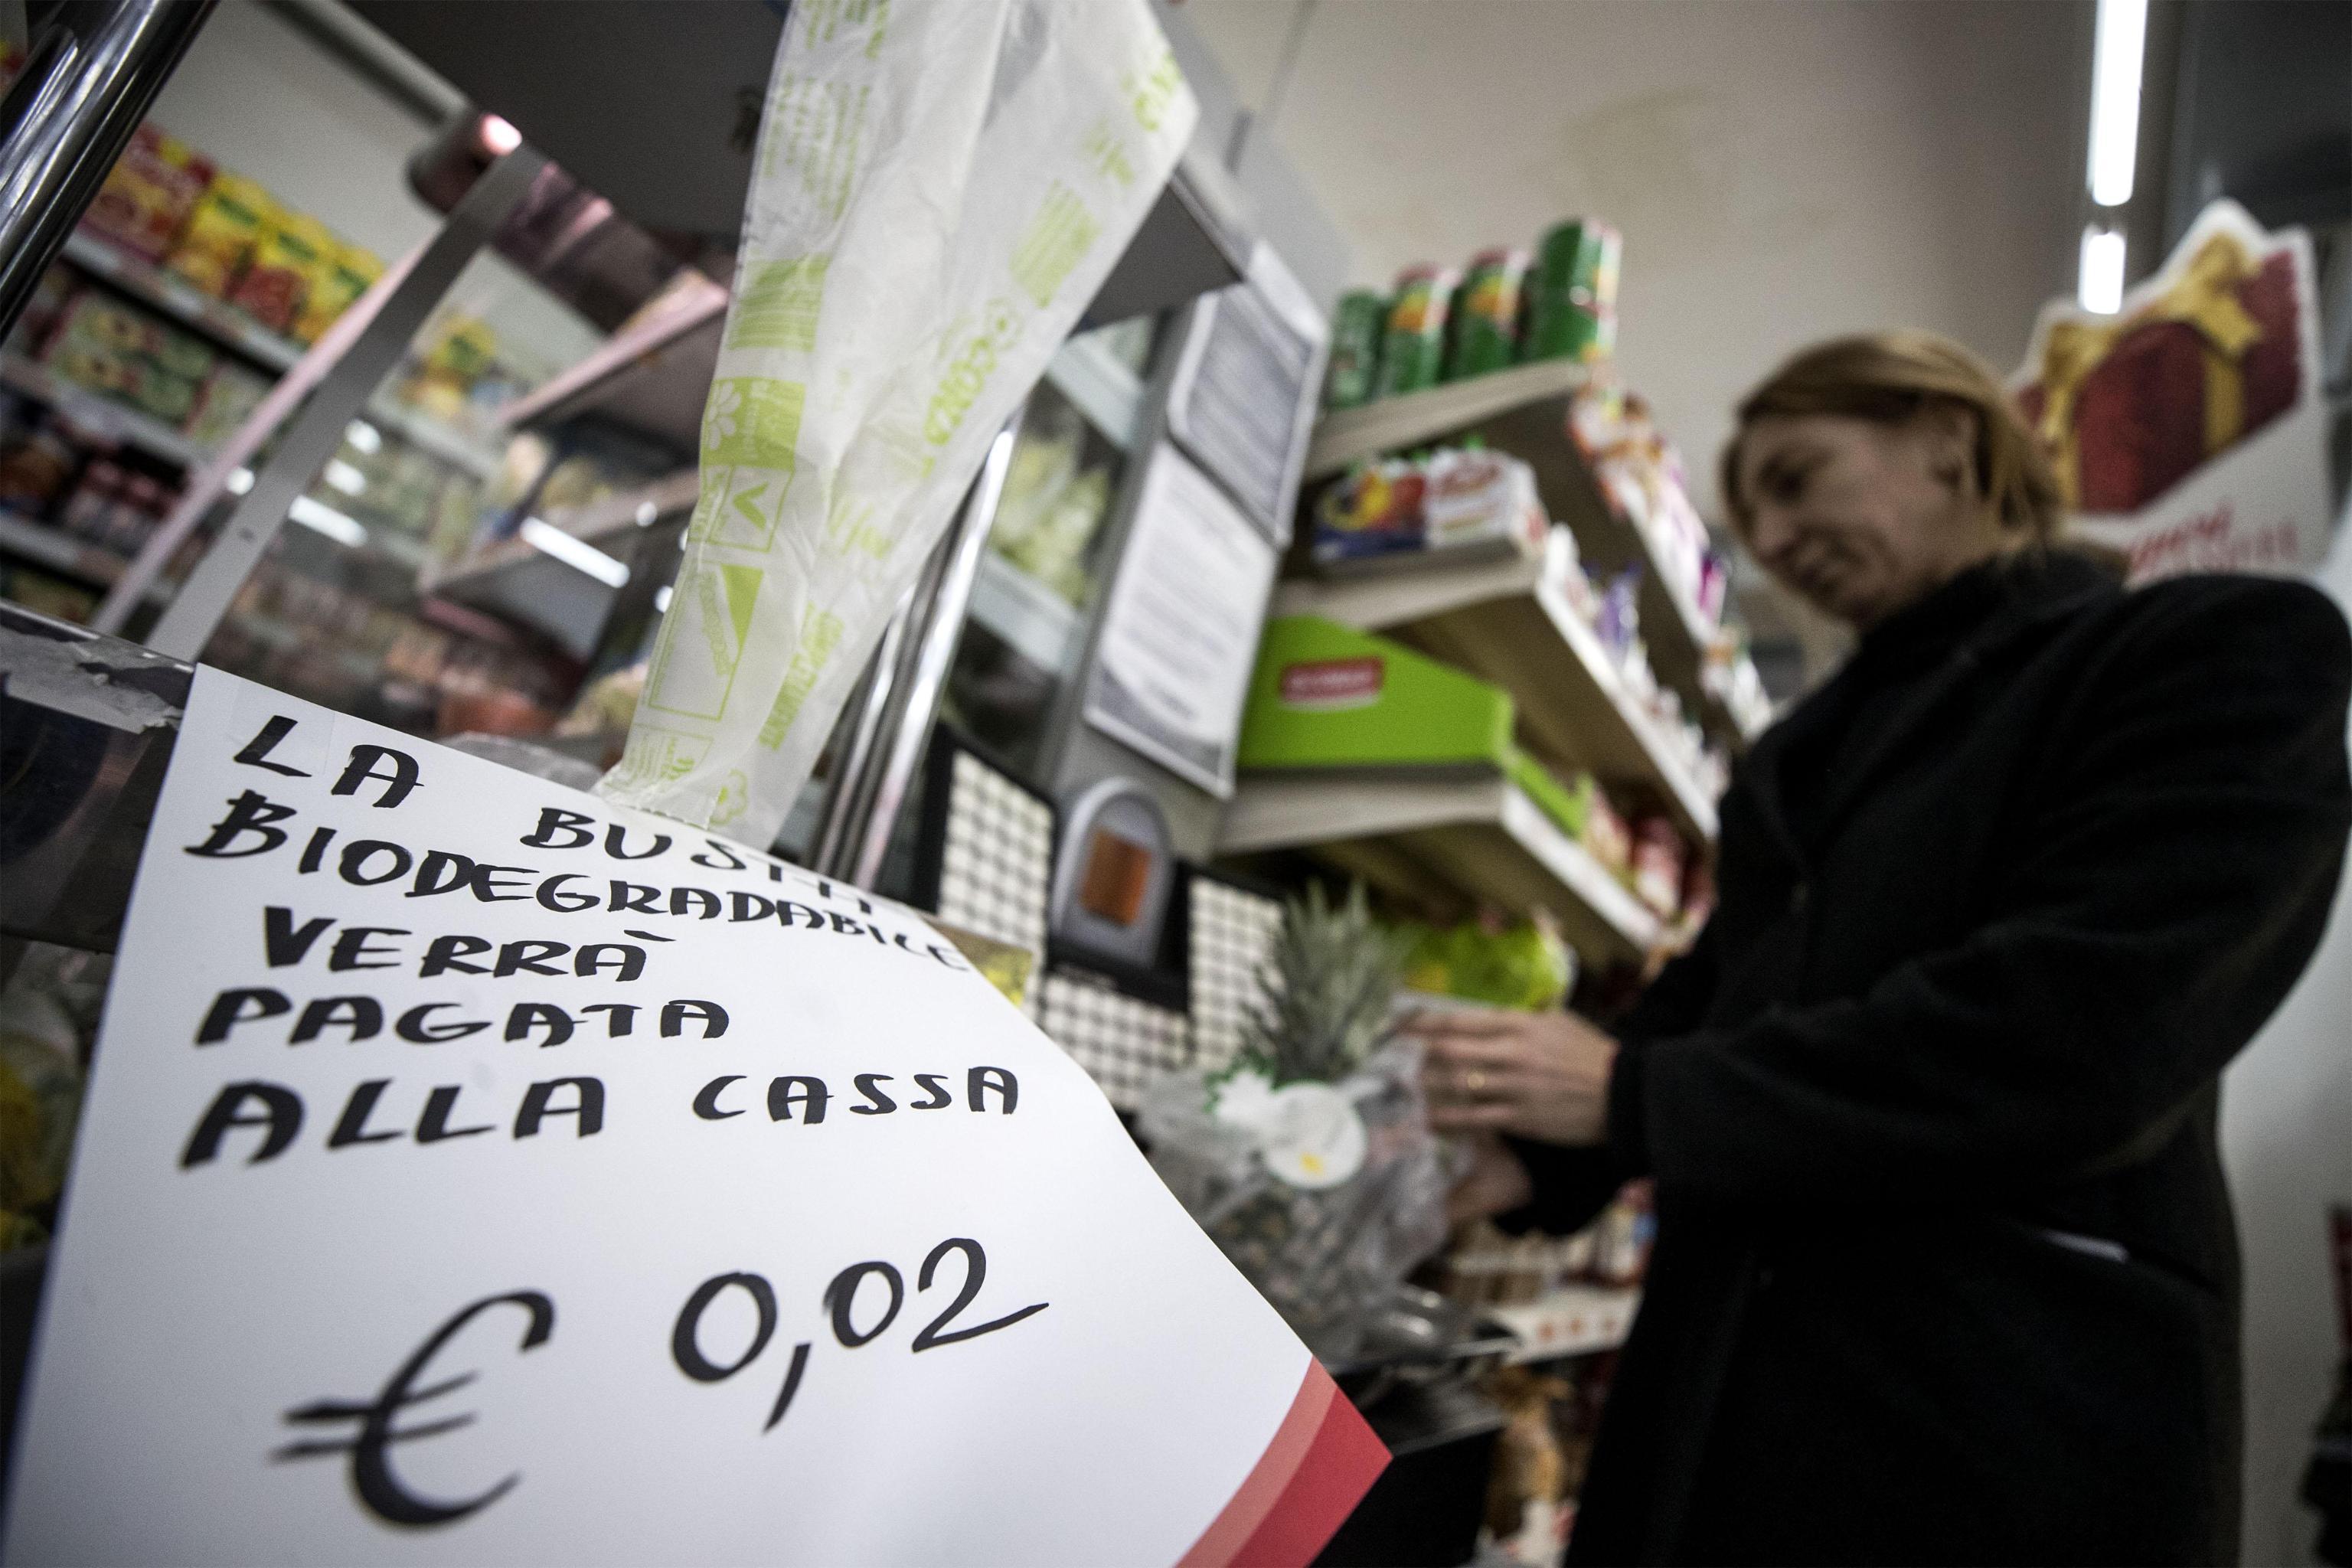 Social si scatenano su sacchetti bio, Renzi: 'No al complotto'